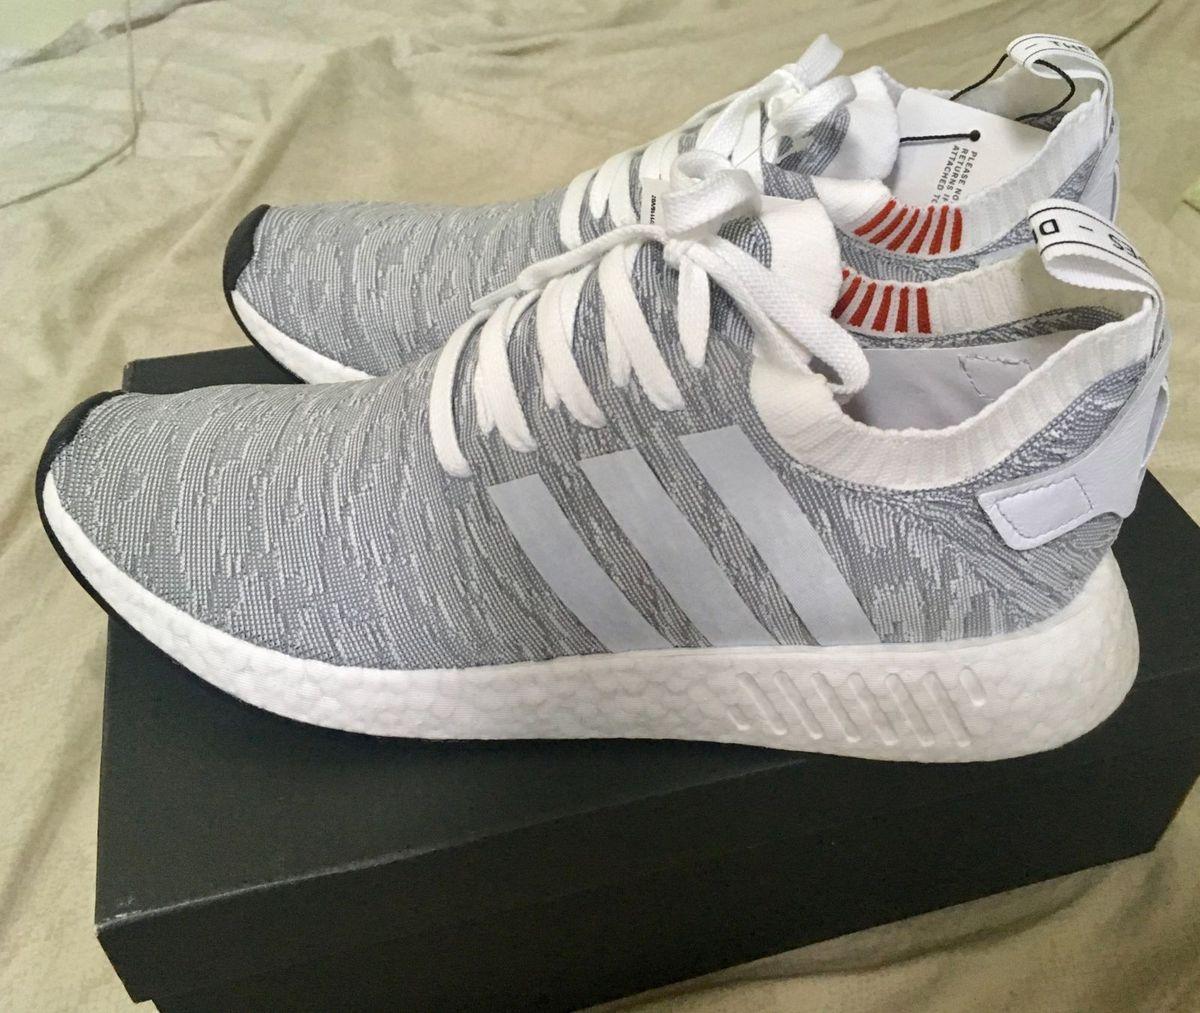 54d8a0a70c3 adidas nmd r2 primeknit - tênis adidas.  Czm6ly9wag90b3muzw5qb2vplmnvbs5ici9wcm9kdwn0cy80njc0oty1l2u0y2niztazymfjzdhizdzkmmiymja3zdjimji3ztnllmpwzw  ...